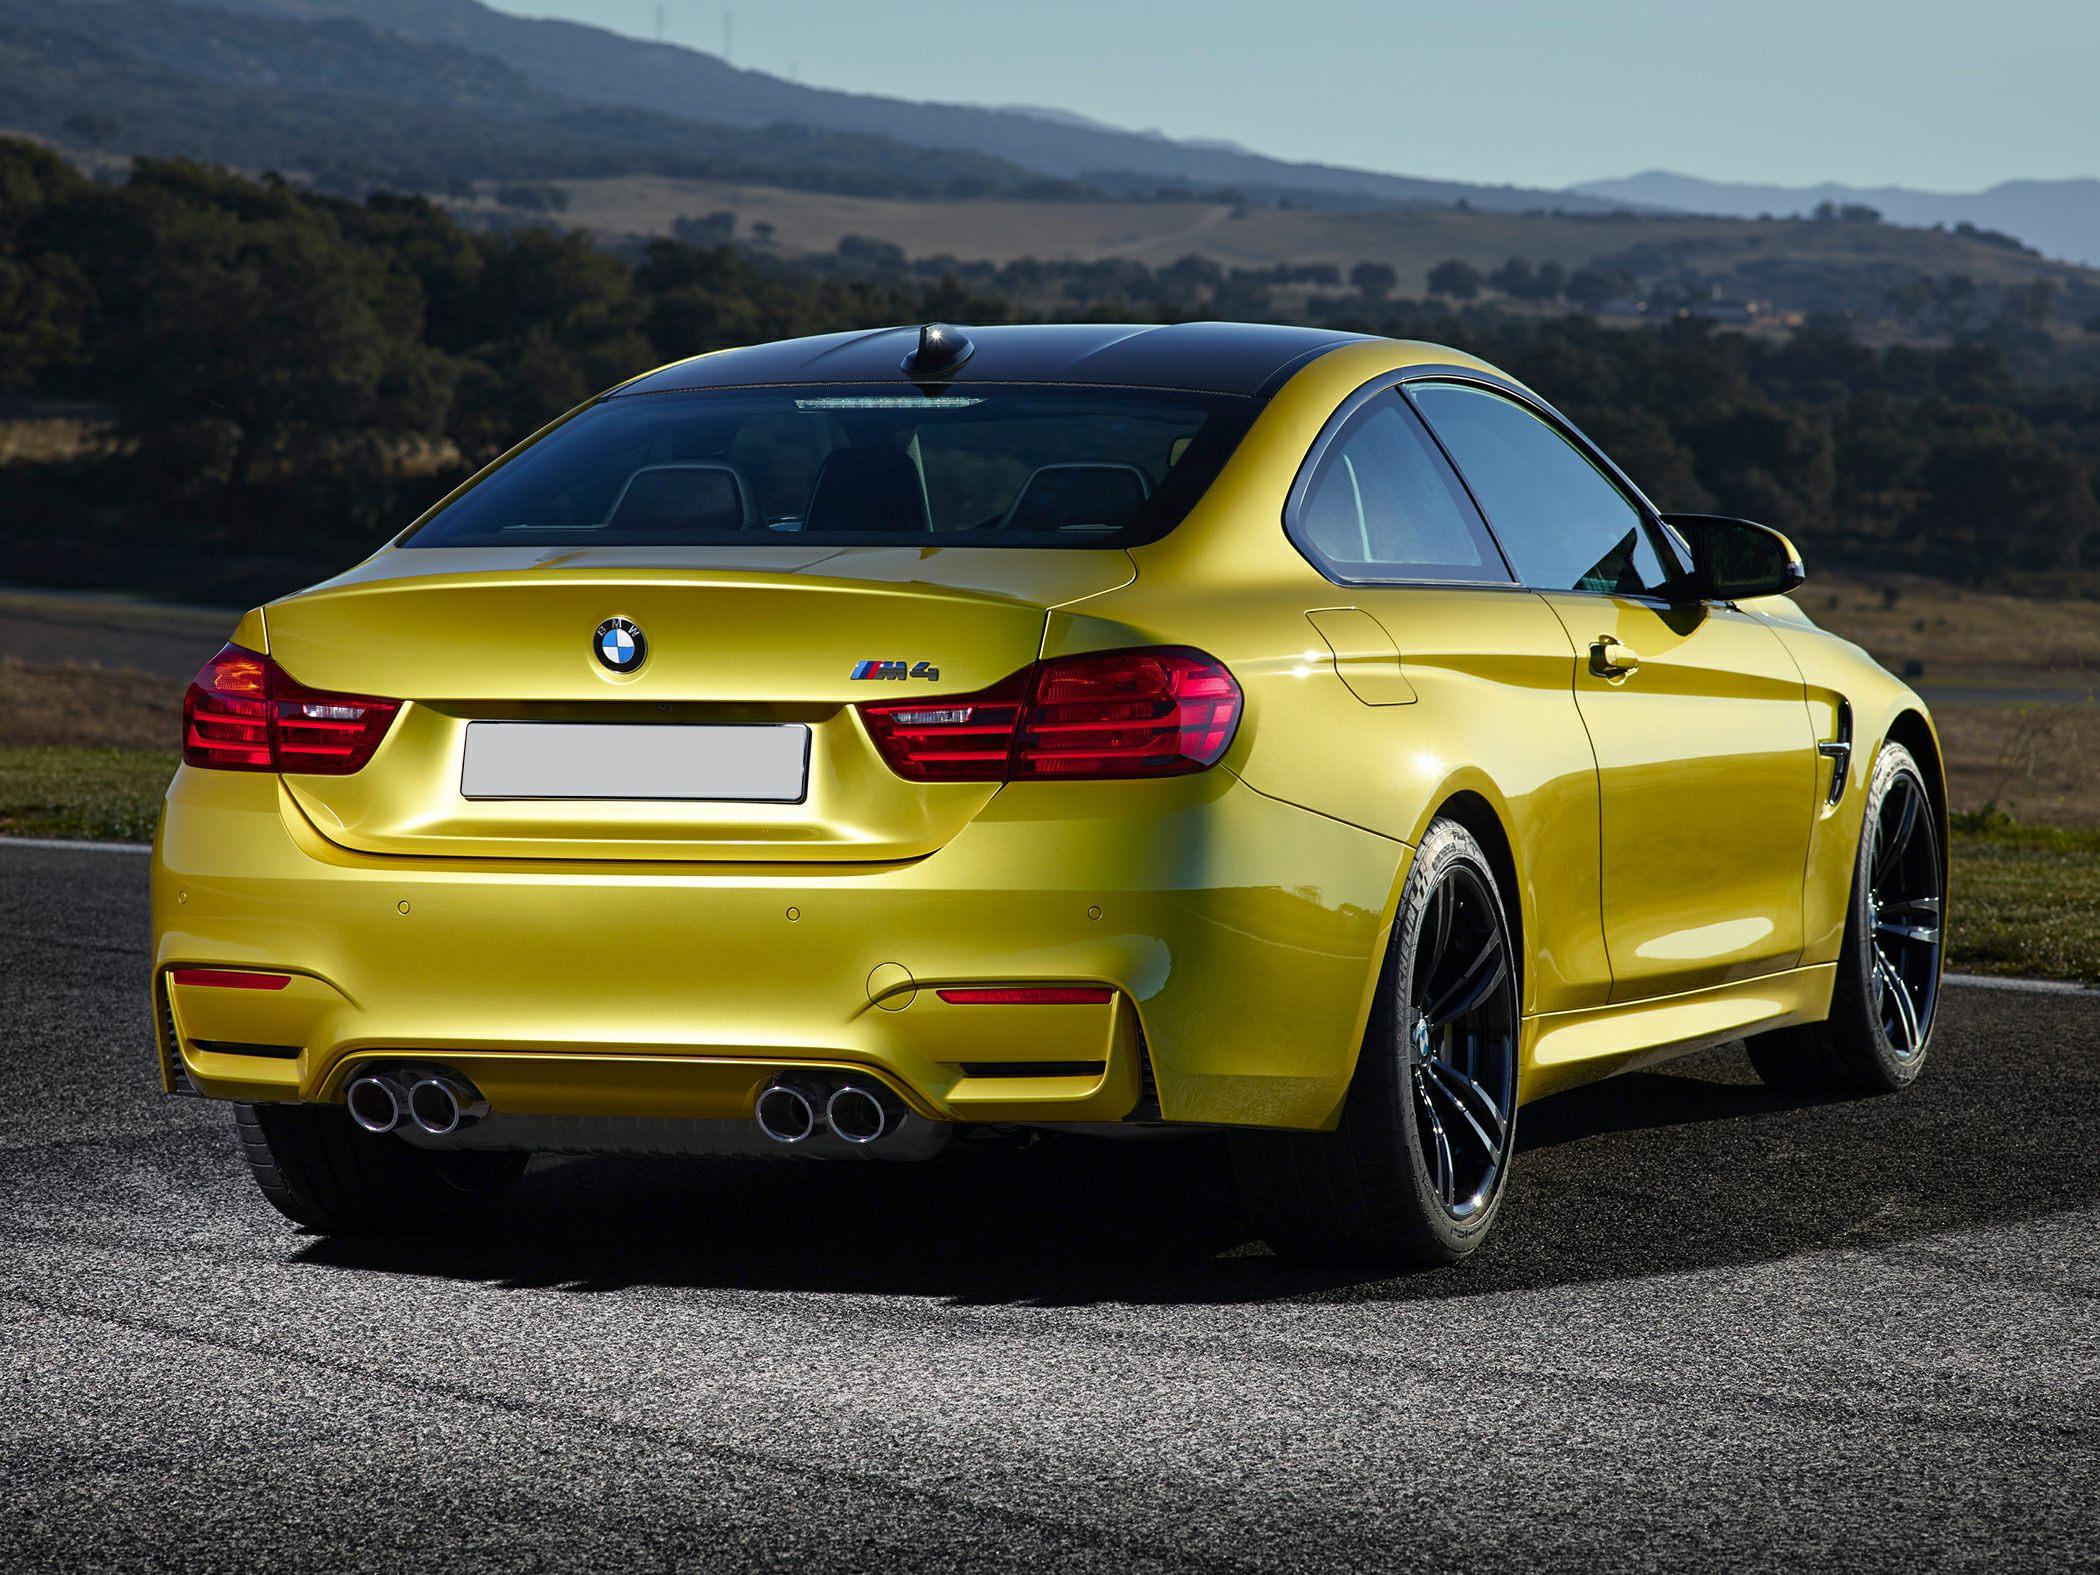 2015 BMW M4 Rear